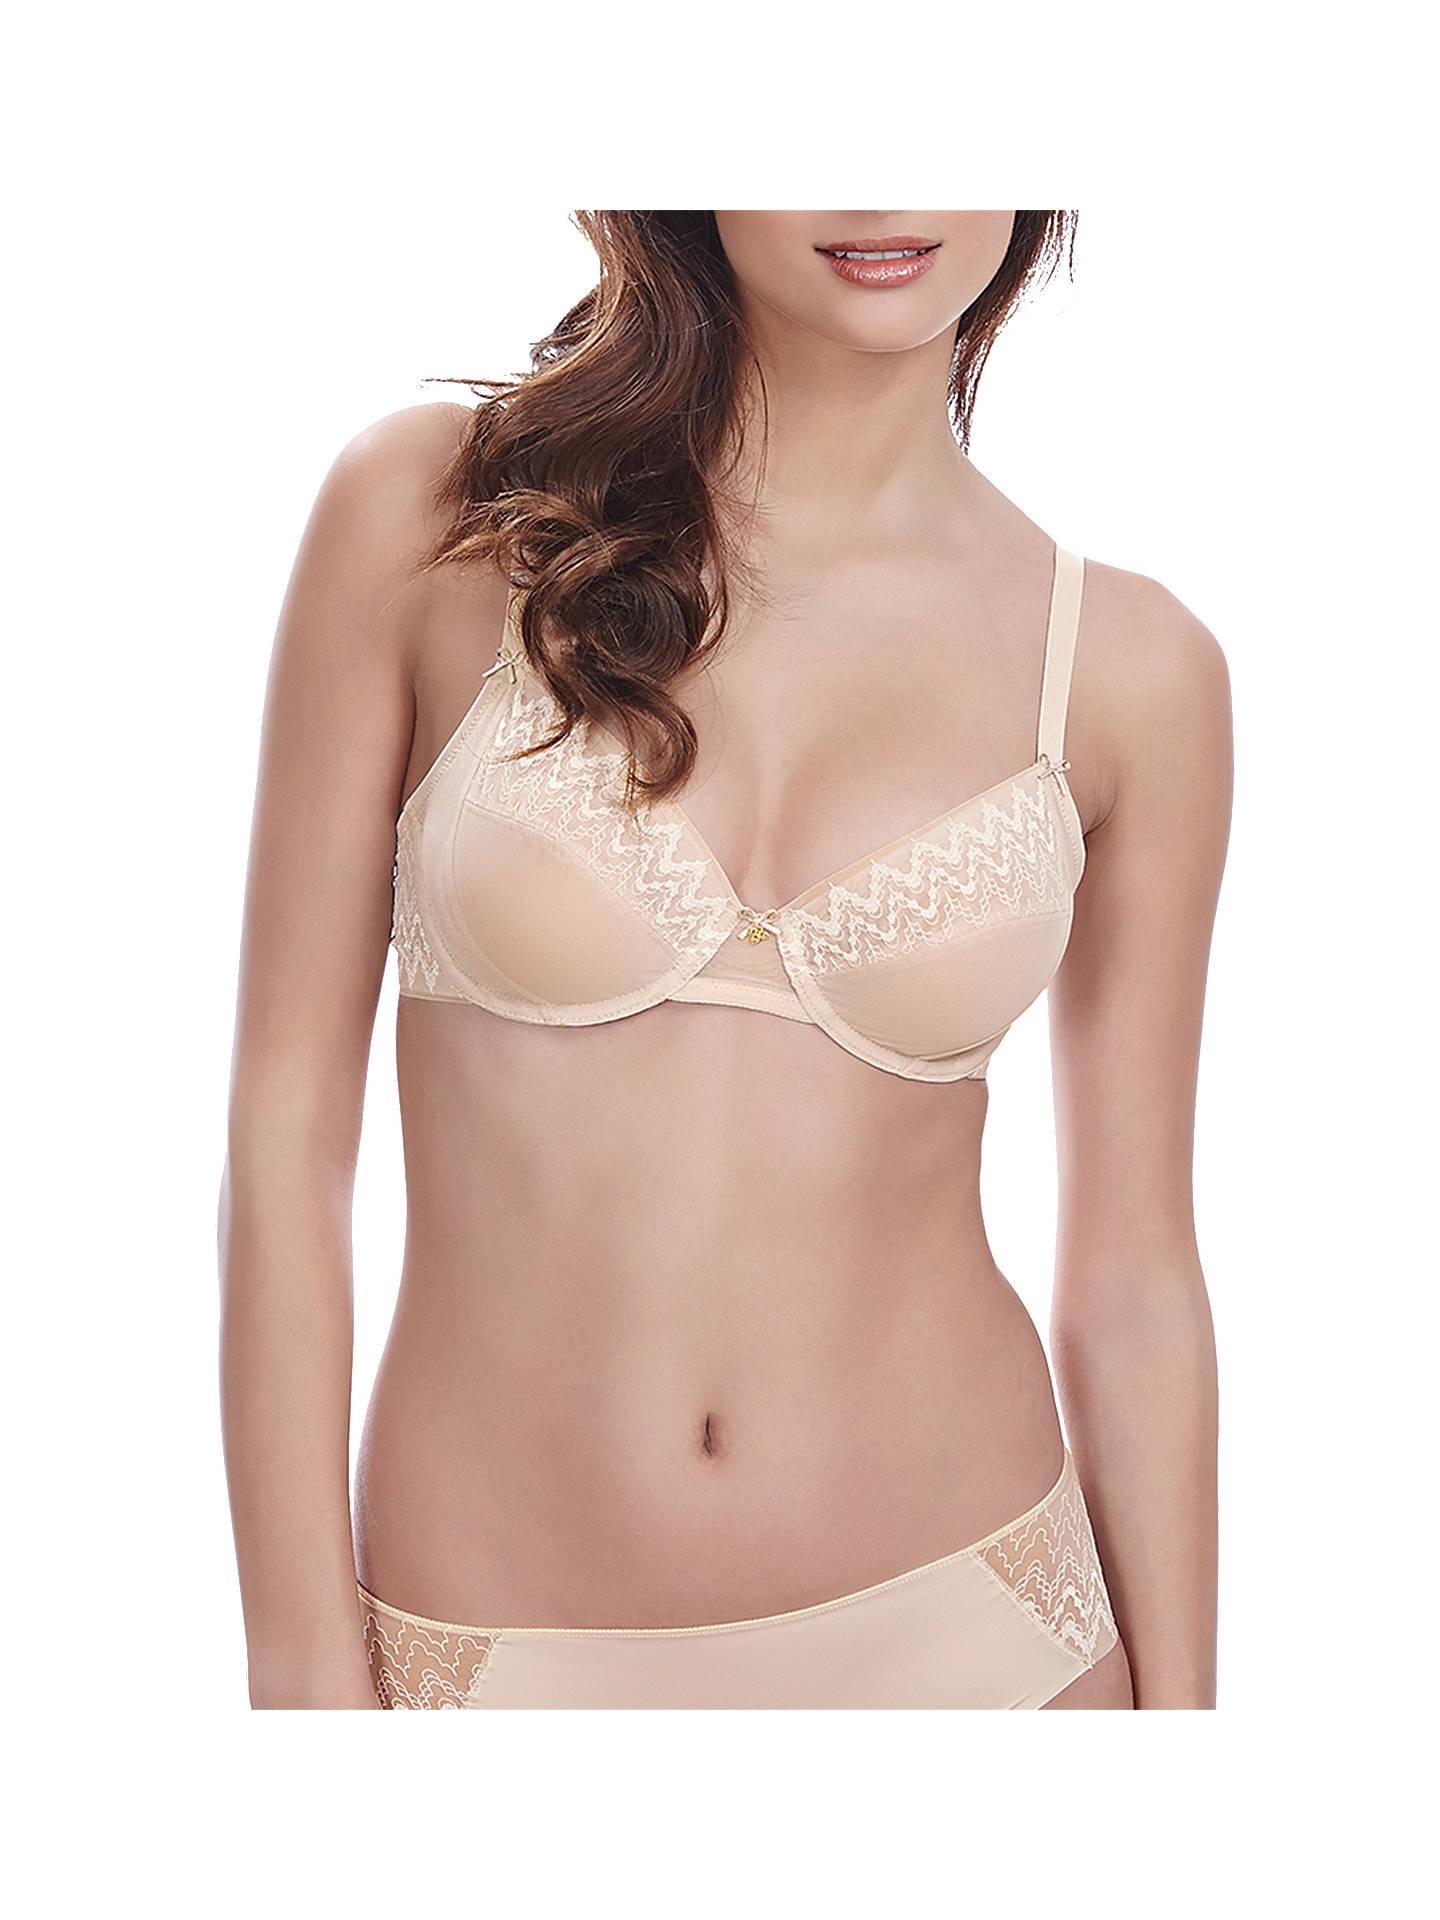 Hoopz nudevideo Nude Photos